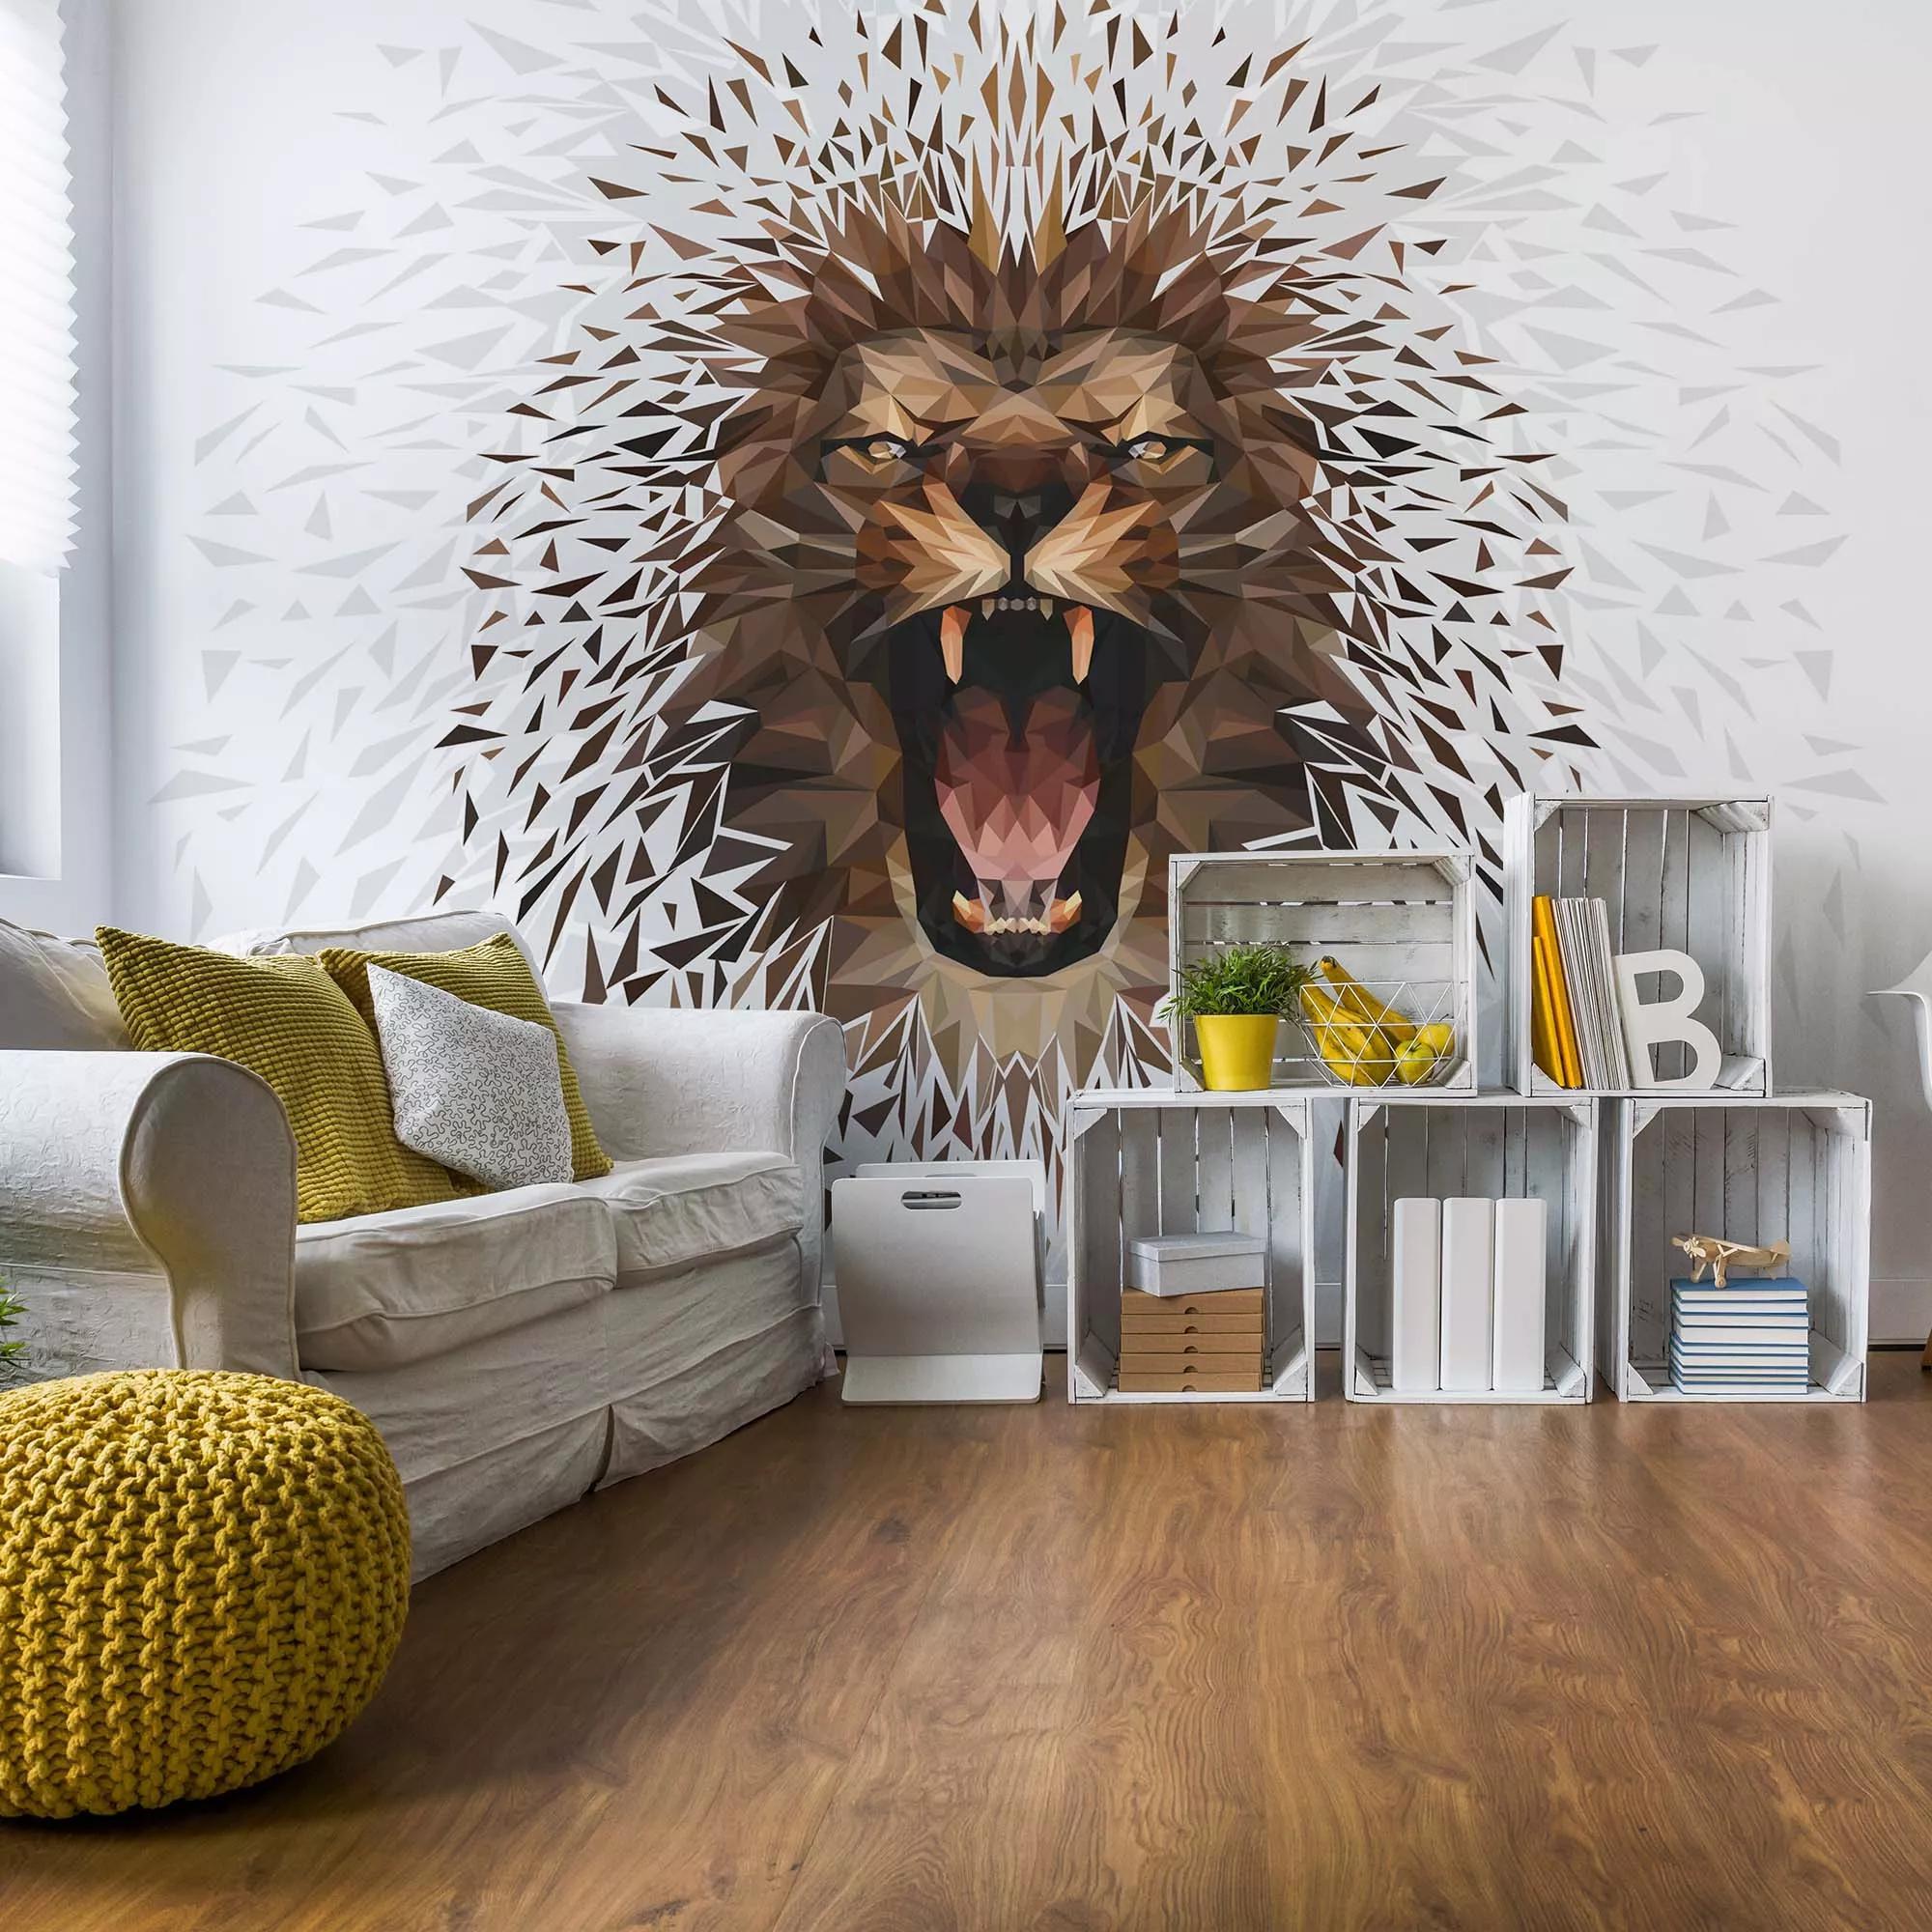 Fali poszter fehér háttérrel sokszögmintás modern oroszlán mintával